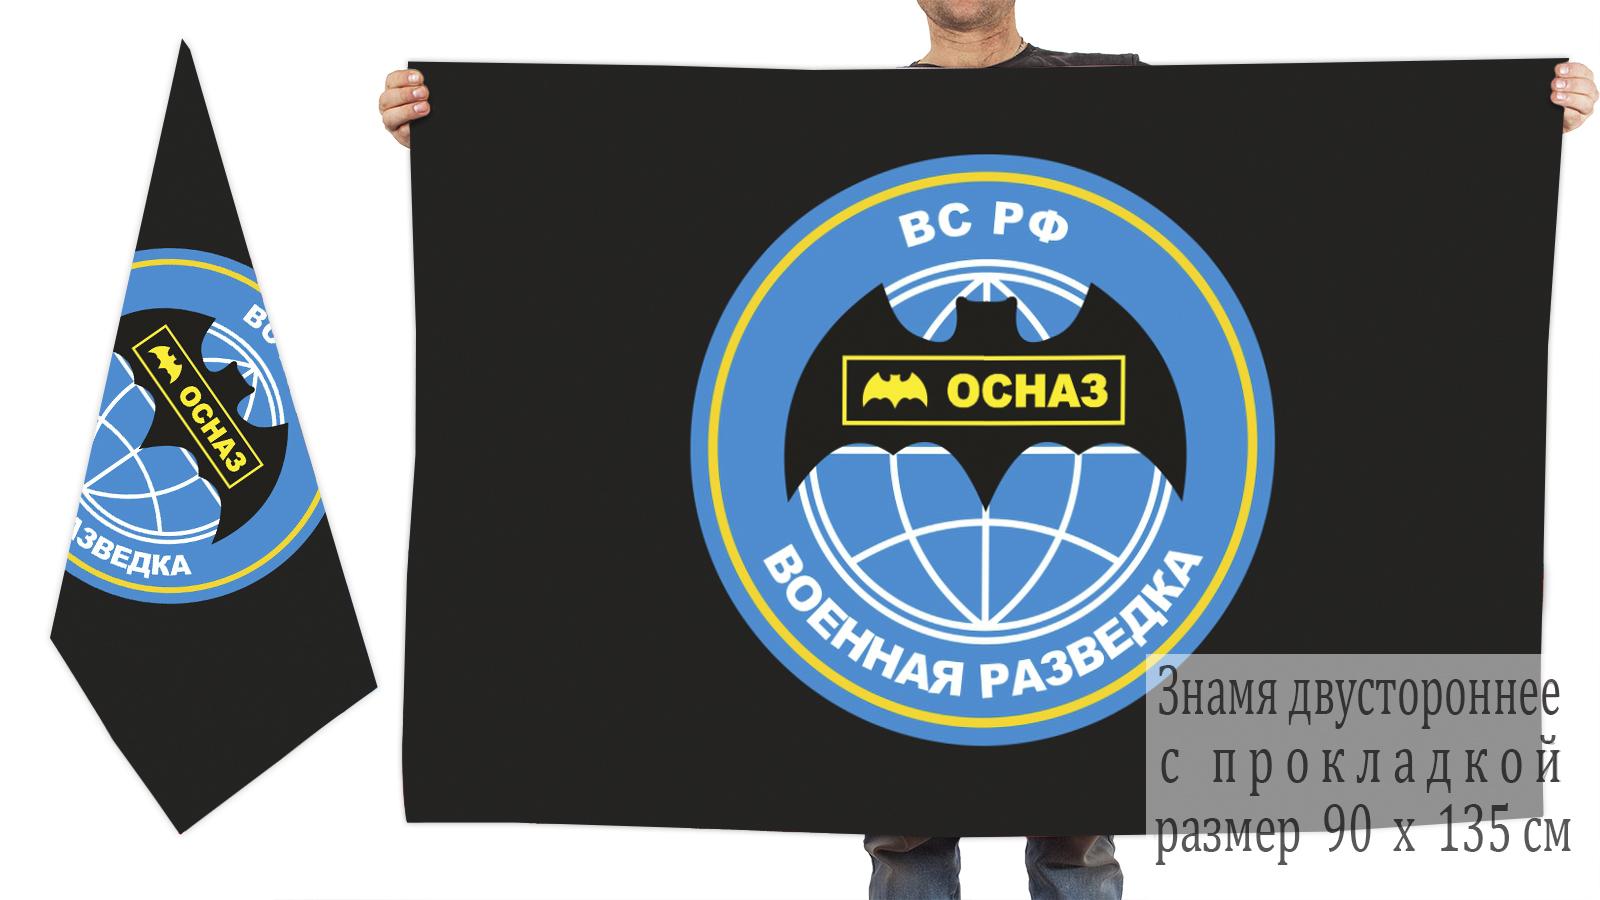 Двусторонний флаг военной разведки Вооруженных сил Российской Федерации